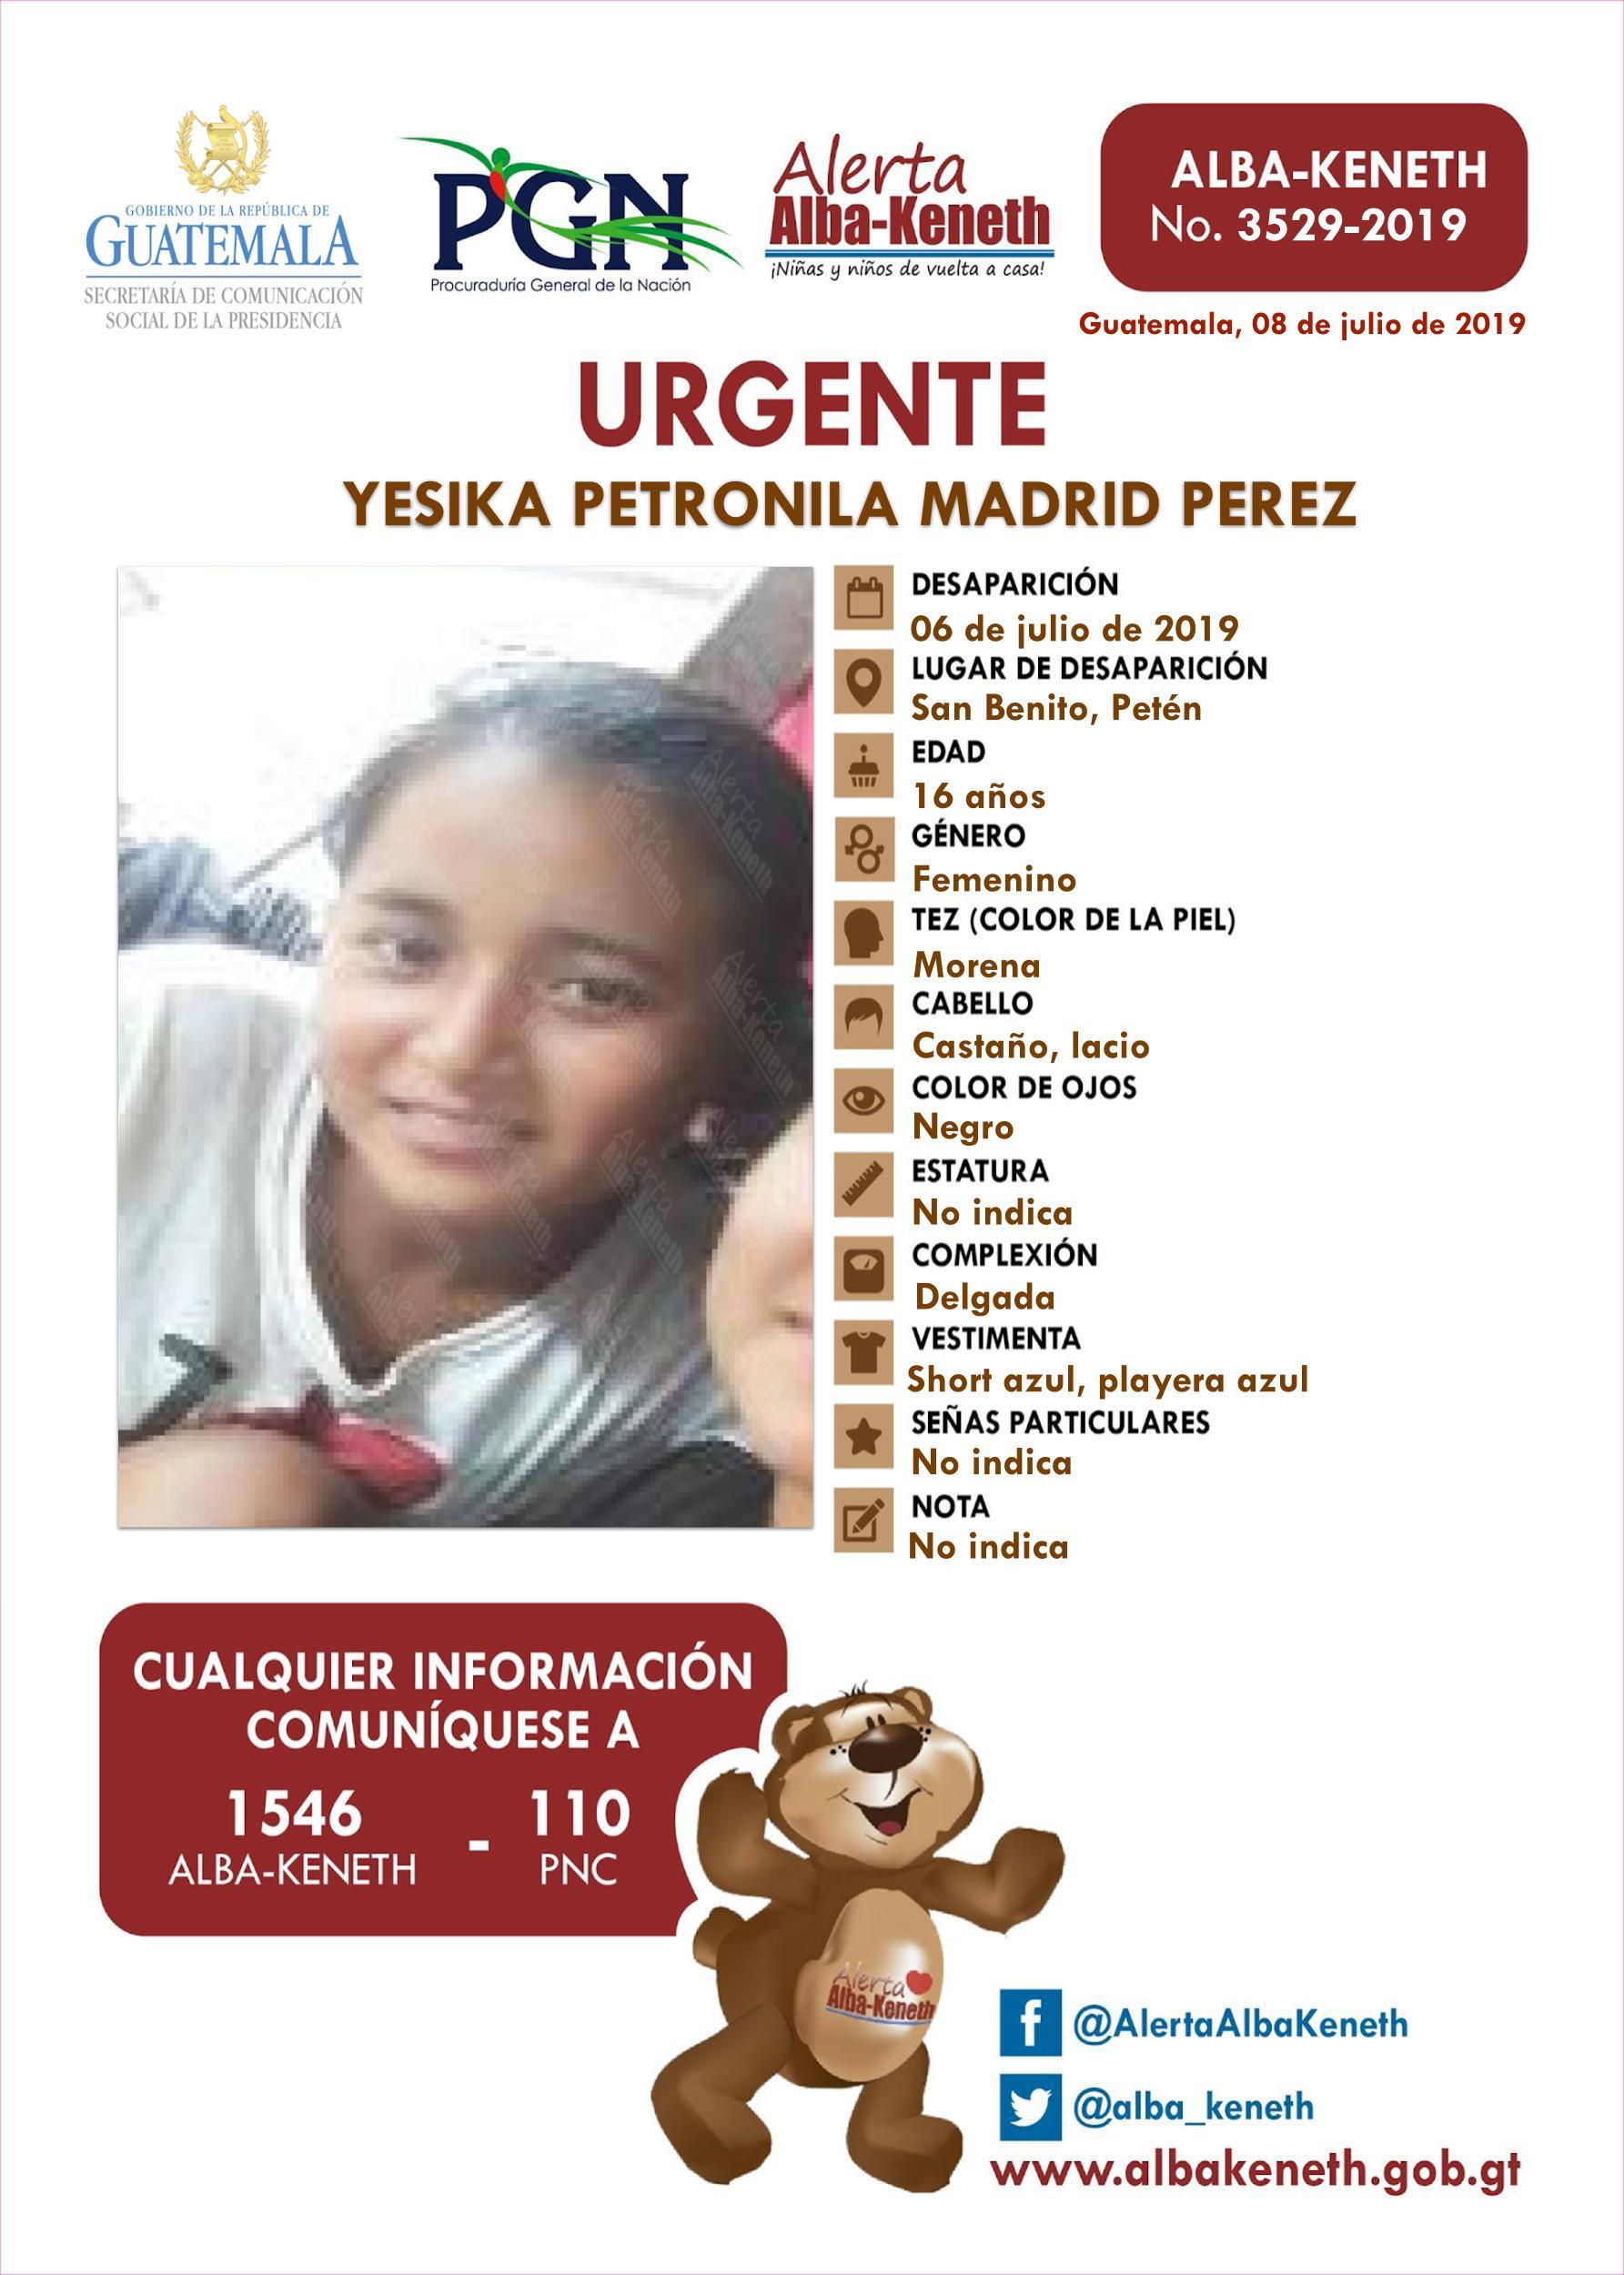 Yesika Petronila Madrid Perez